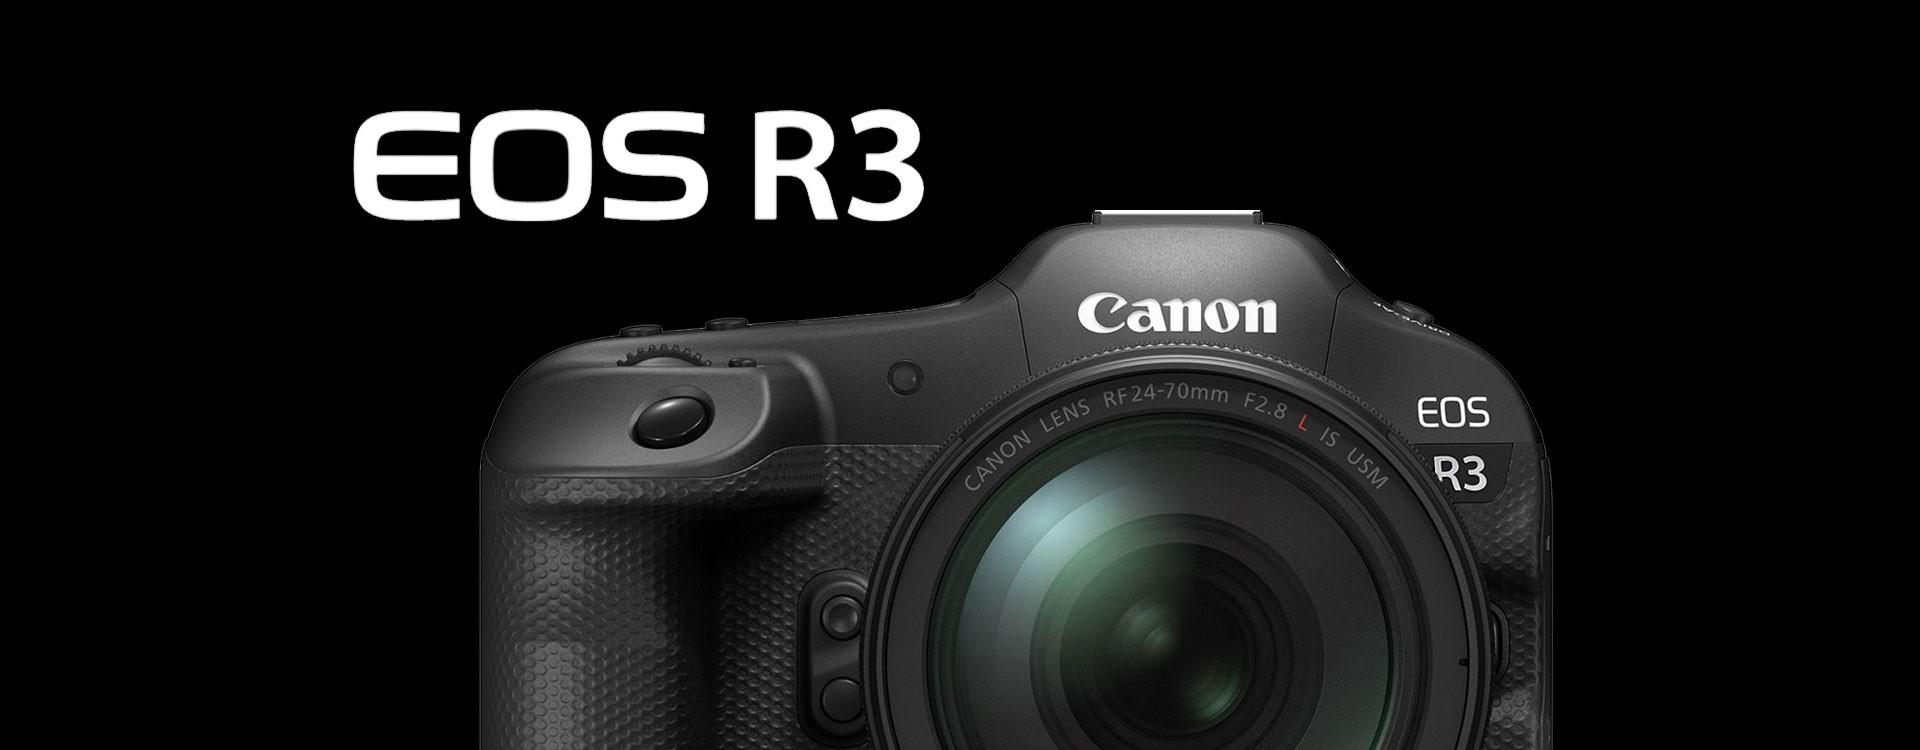 Canon annonce son prochain hybride professionnel L'EOS R3